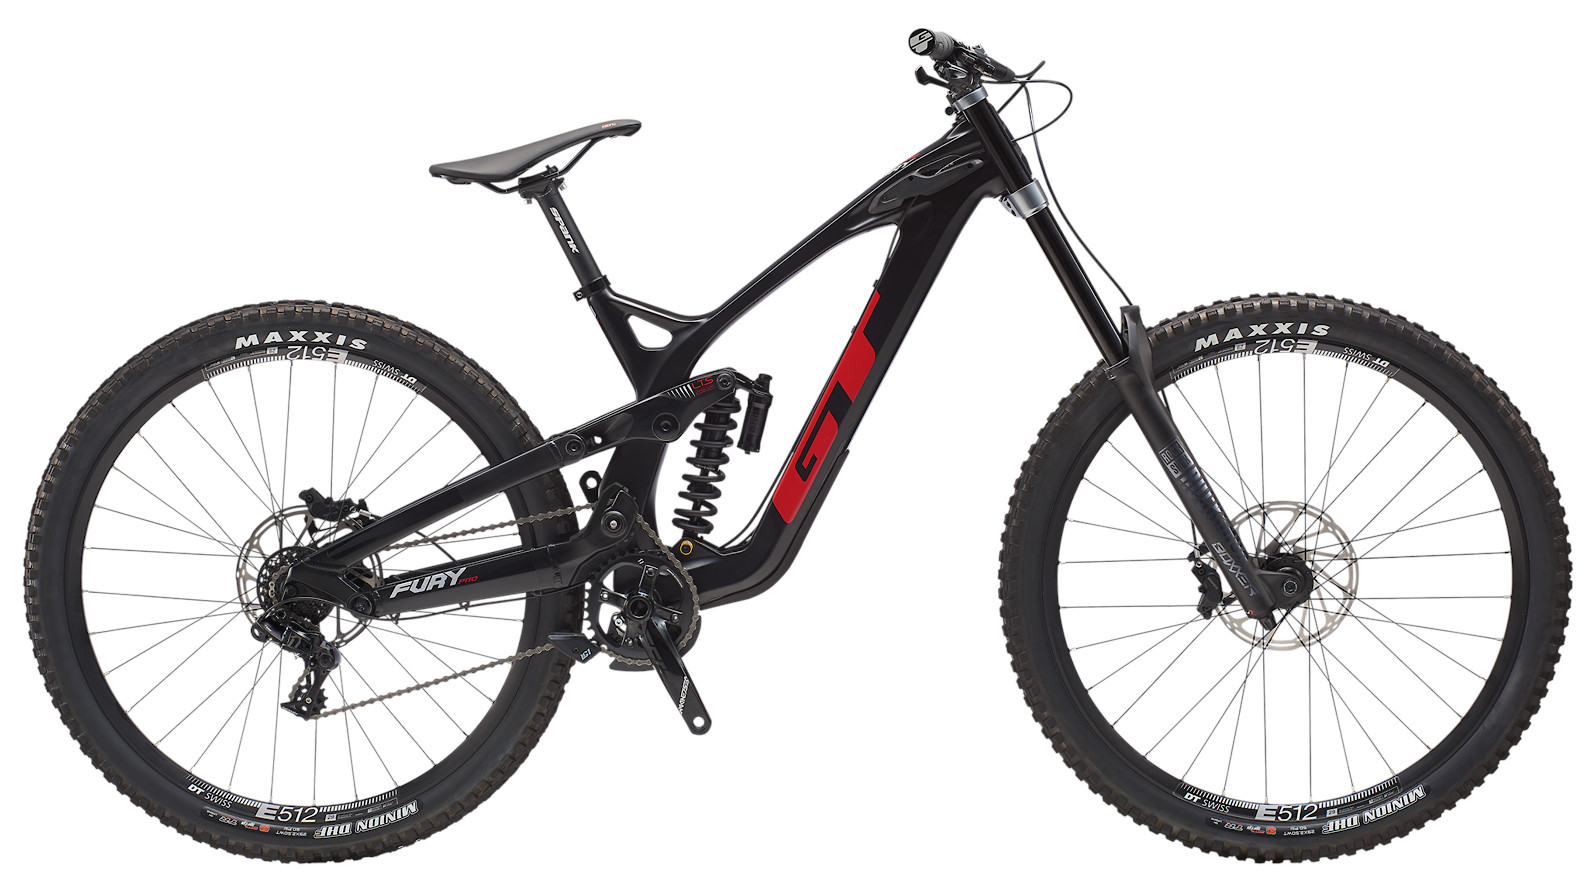 GT Fury Carbon Pro 29